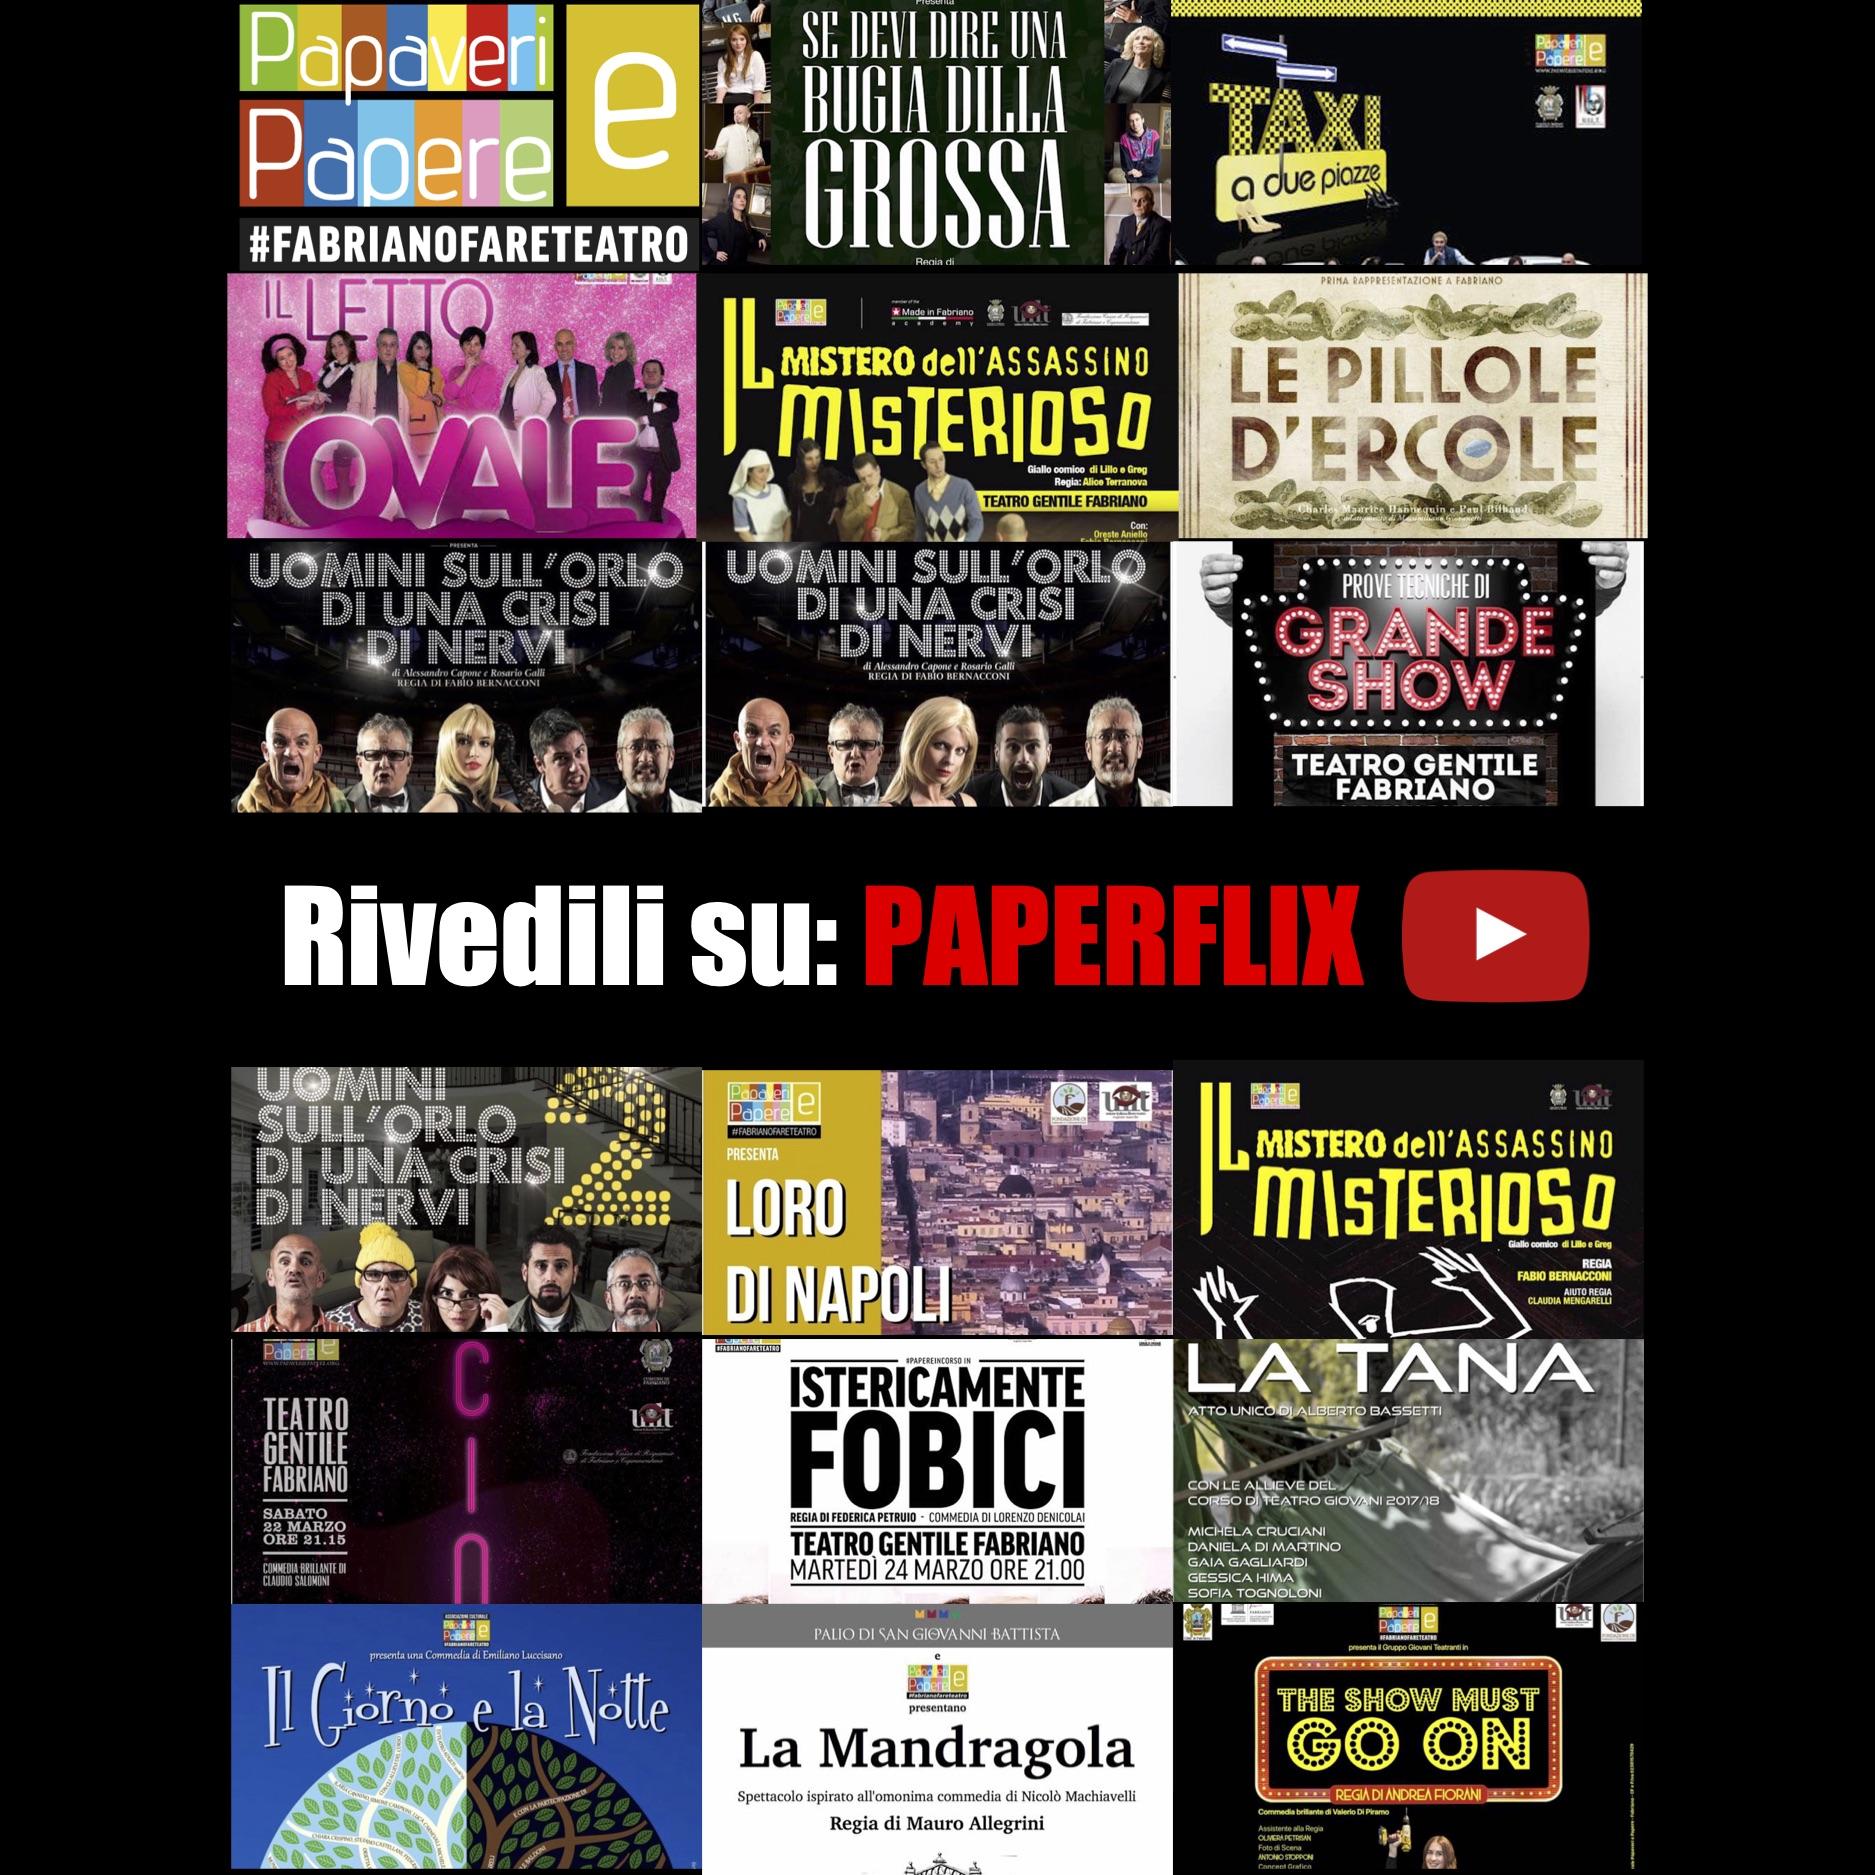 Paperflix il canale YouTube Papaveri e Papere